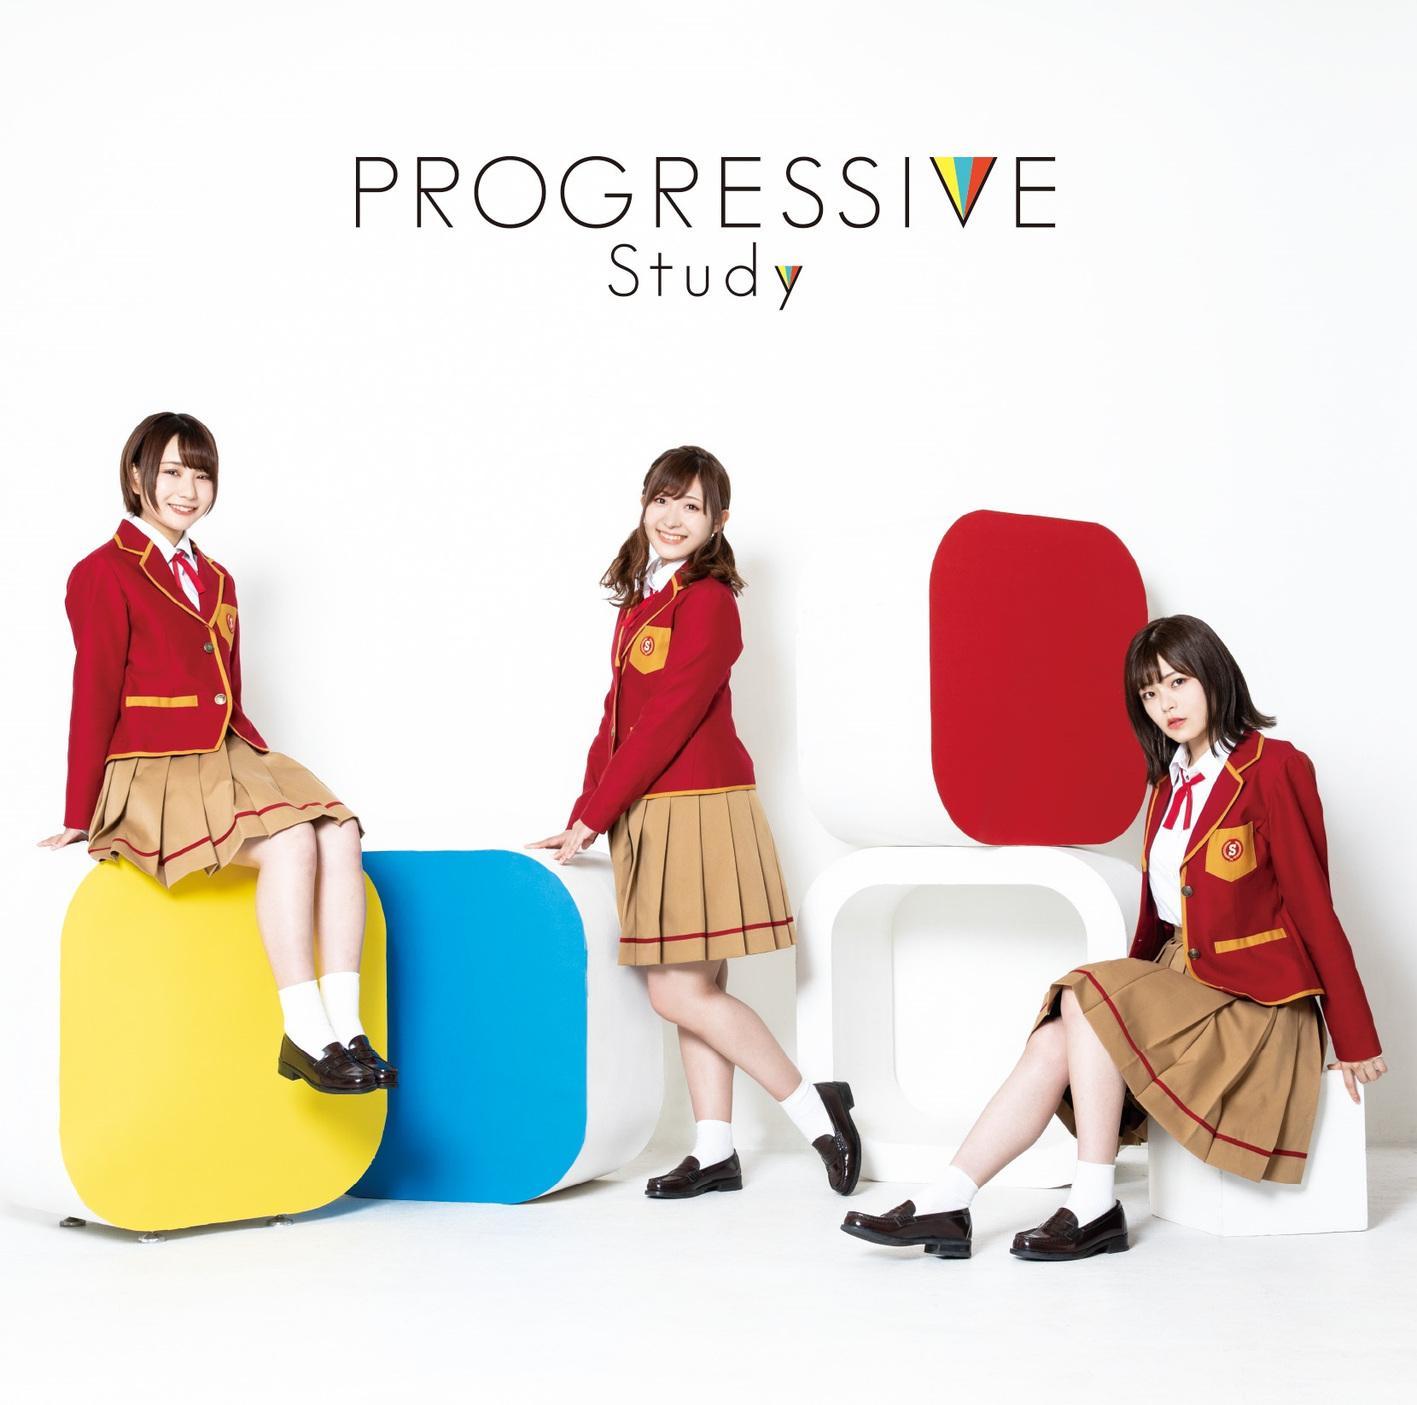 """【インタビュー】「ぼくたちは勉強ができない」発の声優ユニット""""Study""""、初のミニアルバム『PROGRESSIVE』は進化を感じる1枚!"""